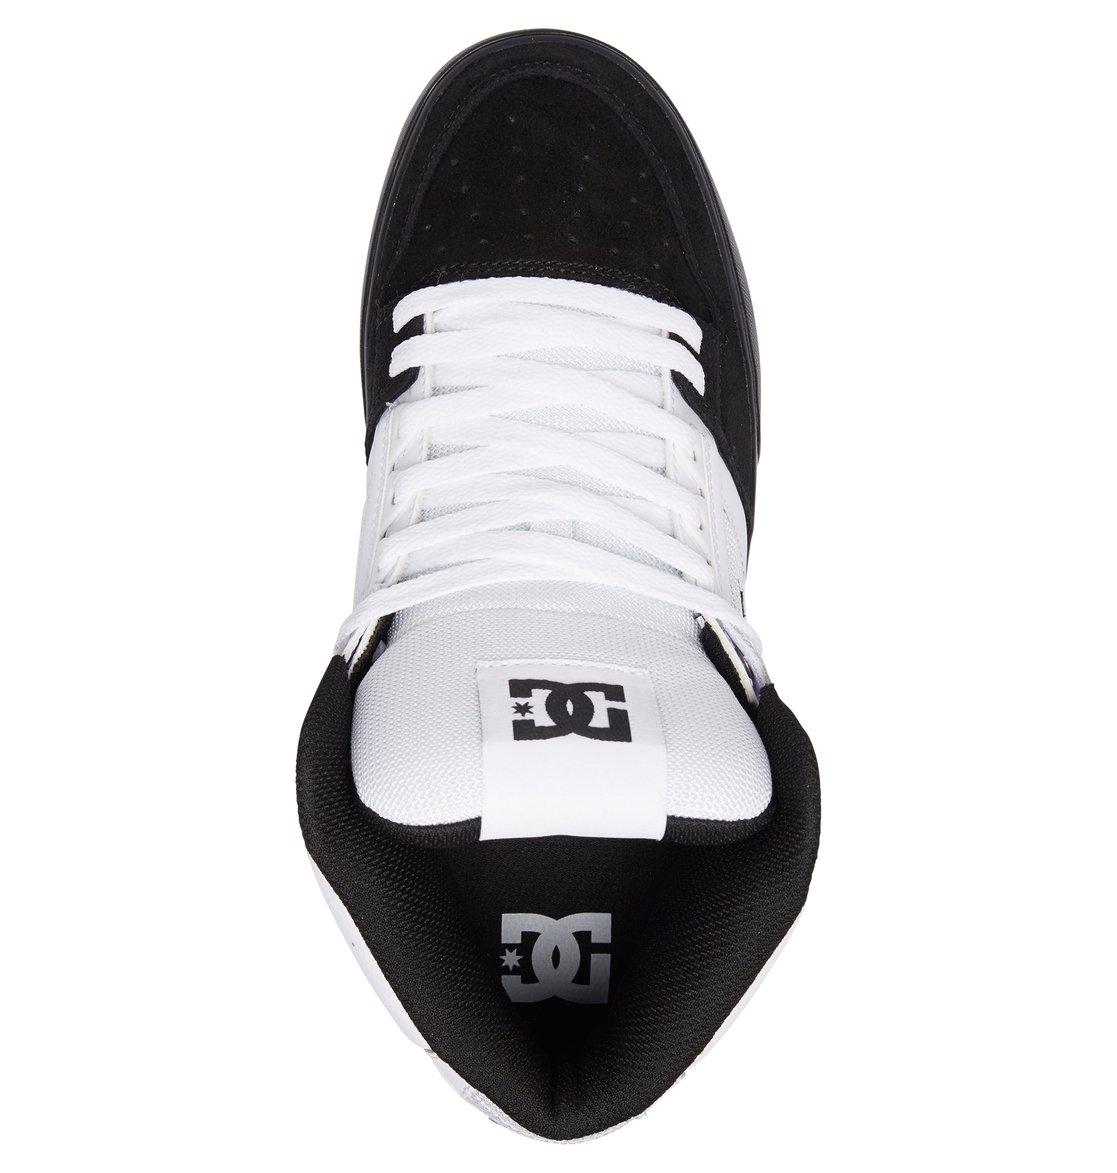 745c1149c68d DC-Shoes-PURE-HIGH-TOP-WC vista en miniatura 24